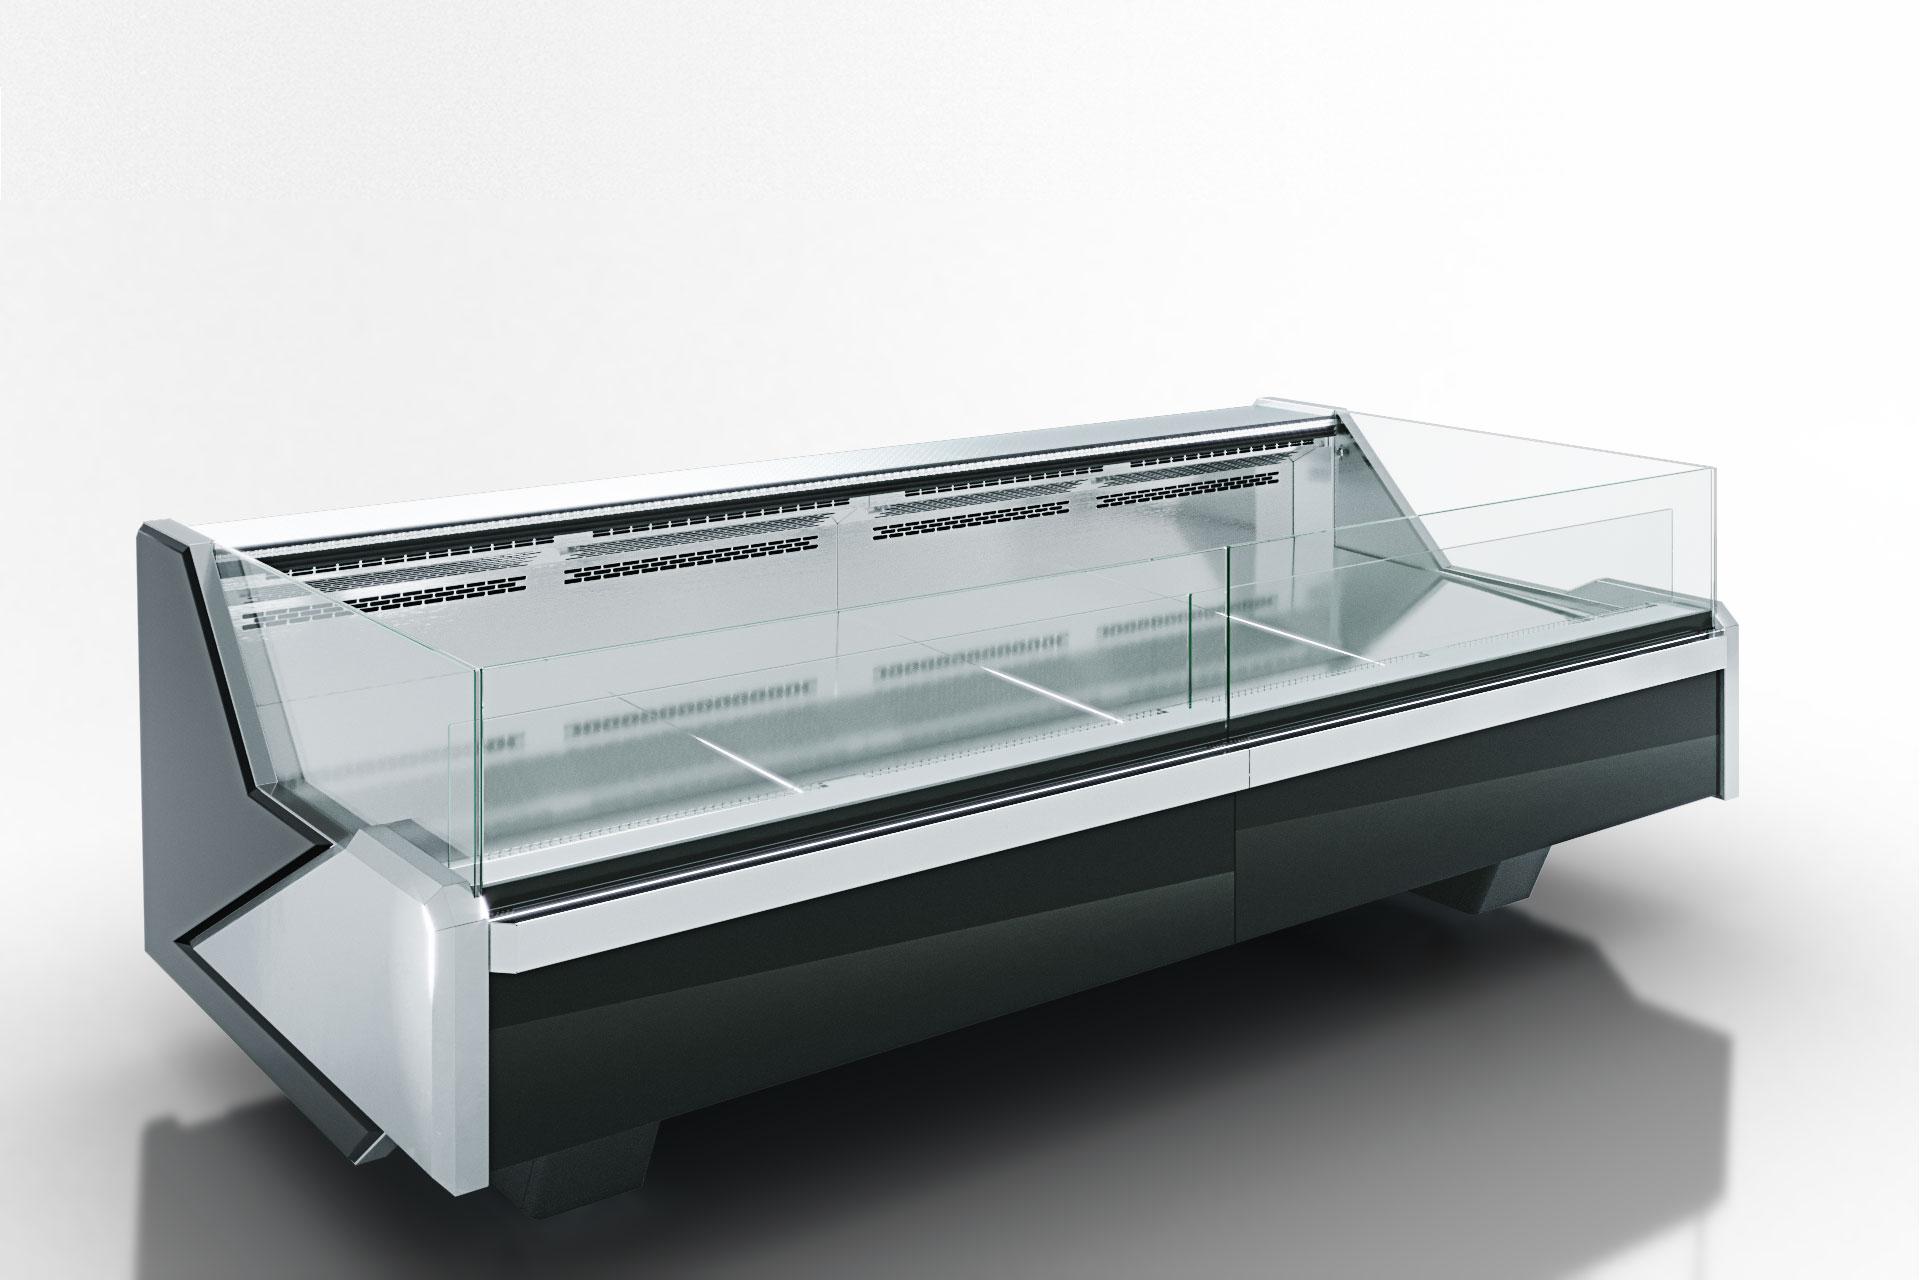 Холодильна вітрина Missouri enigma MC 125 deli self 084-DBM